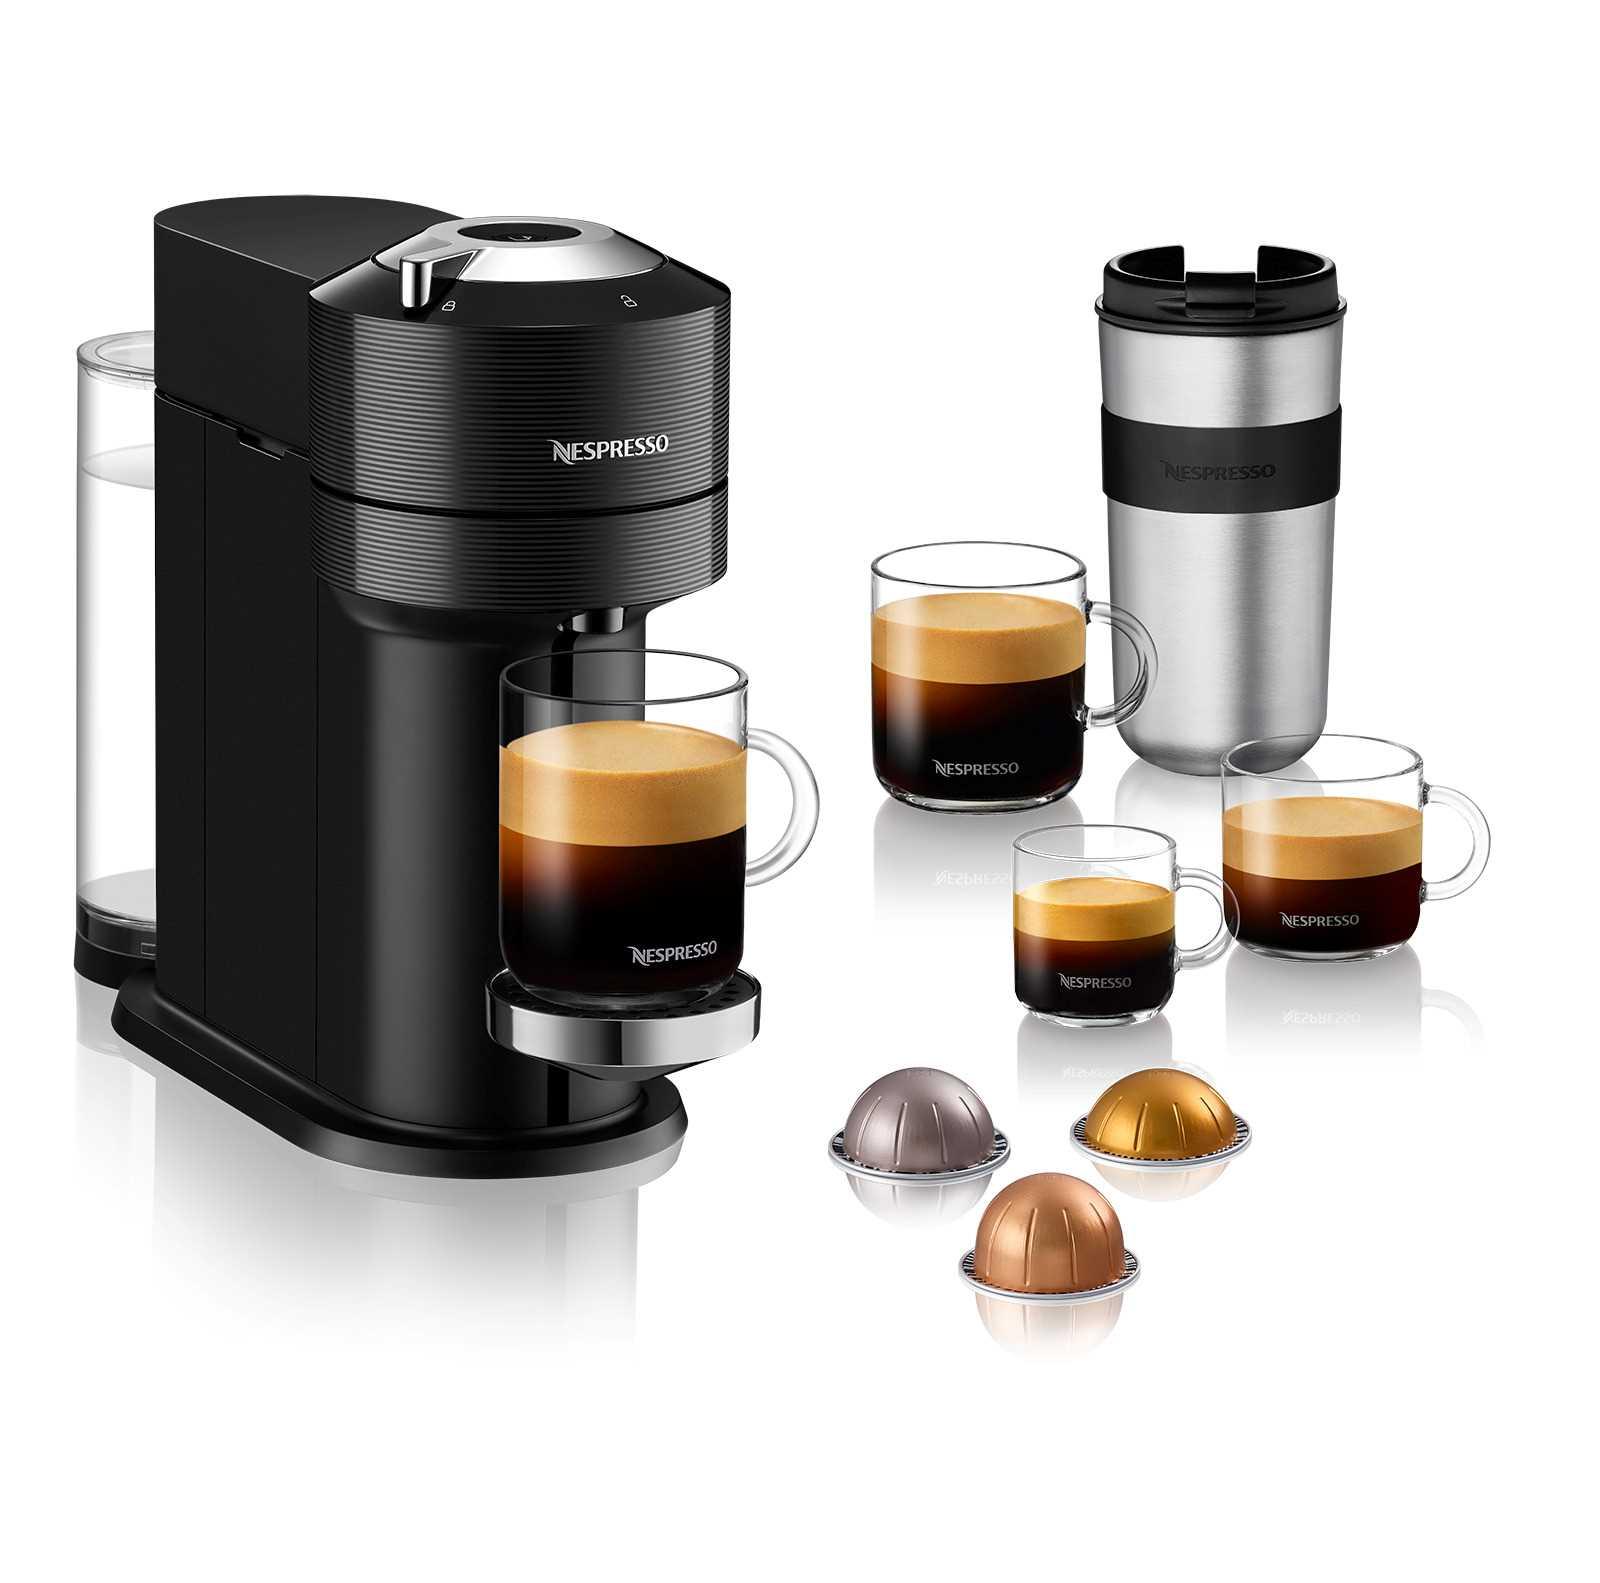 מכונת קפה NESPRESSO VertuoNext GCV1 שחור נספרסו - תמונה 1